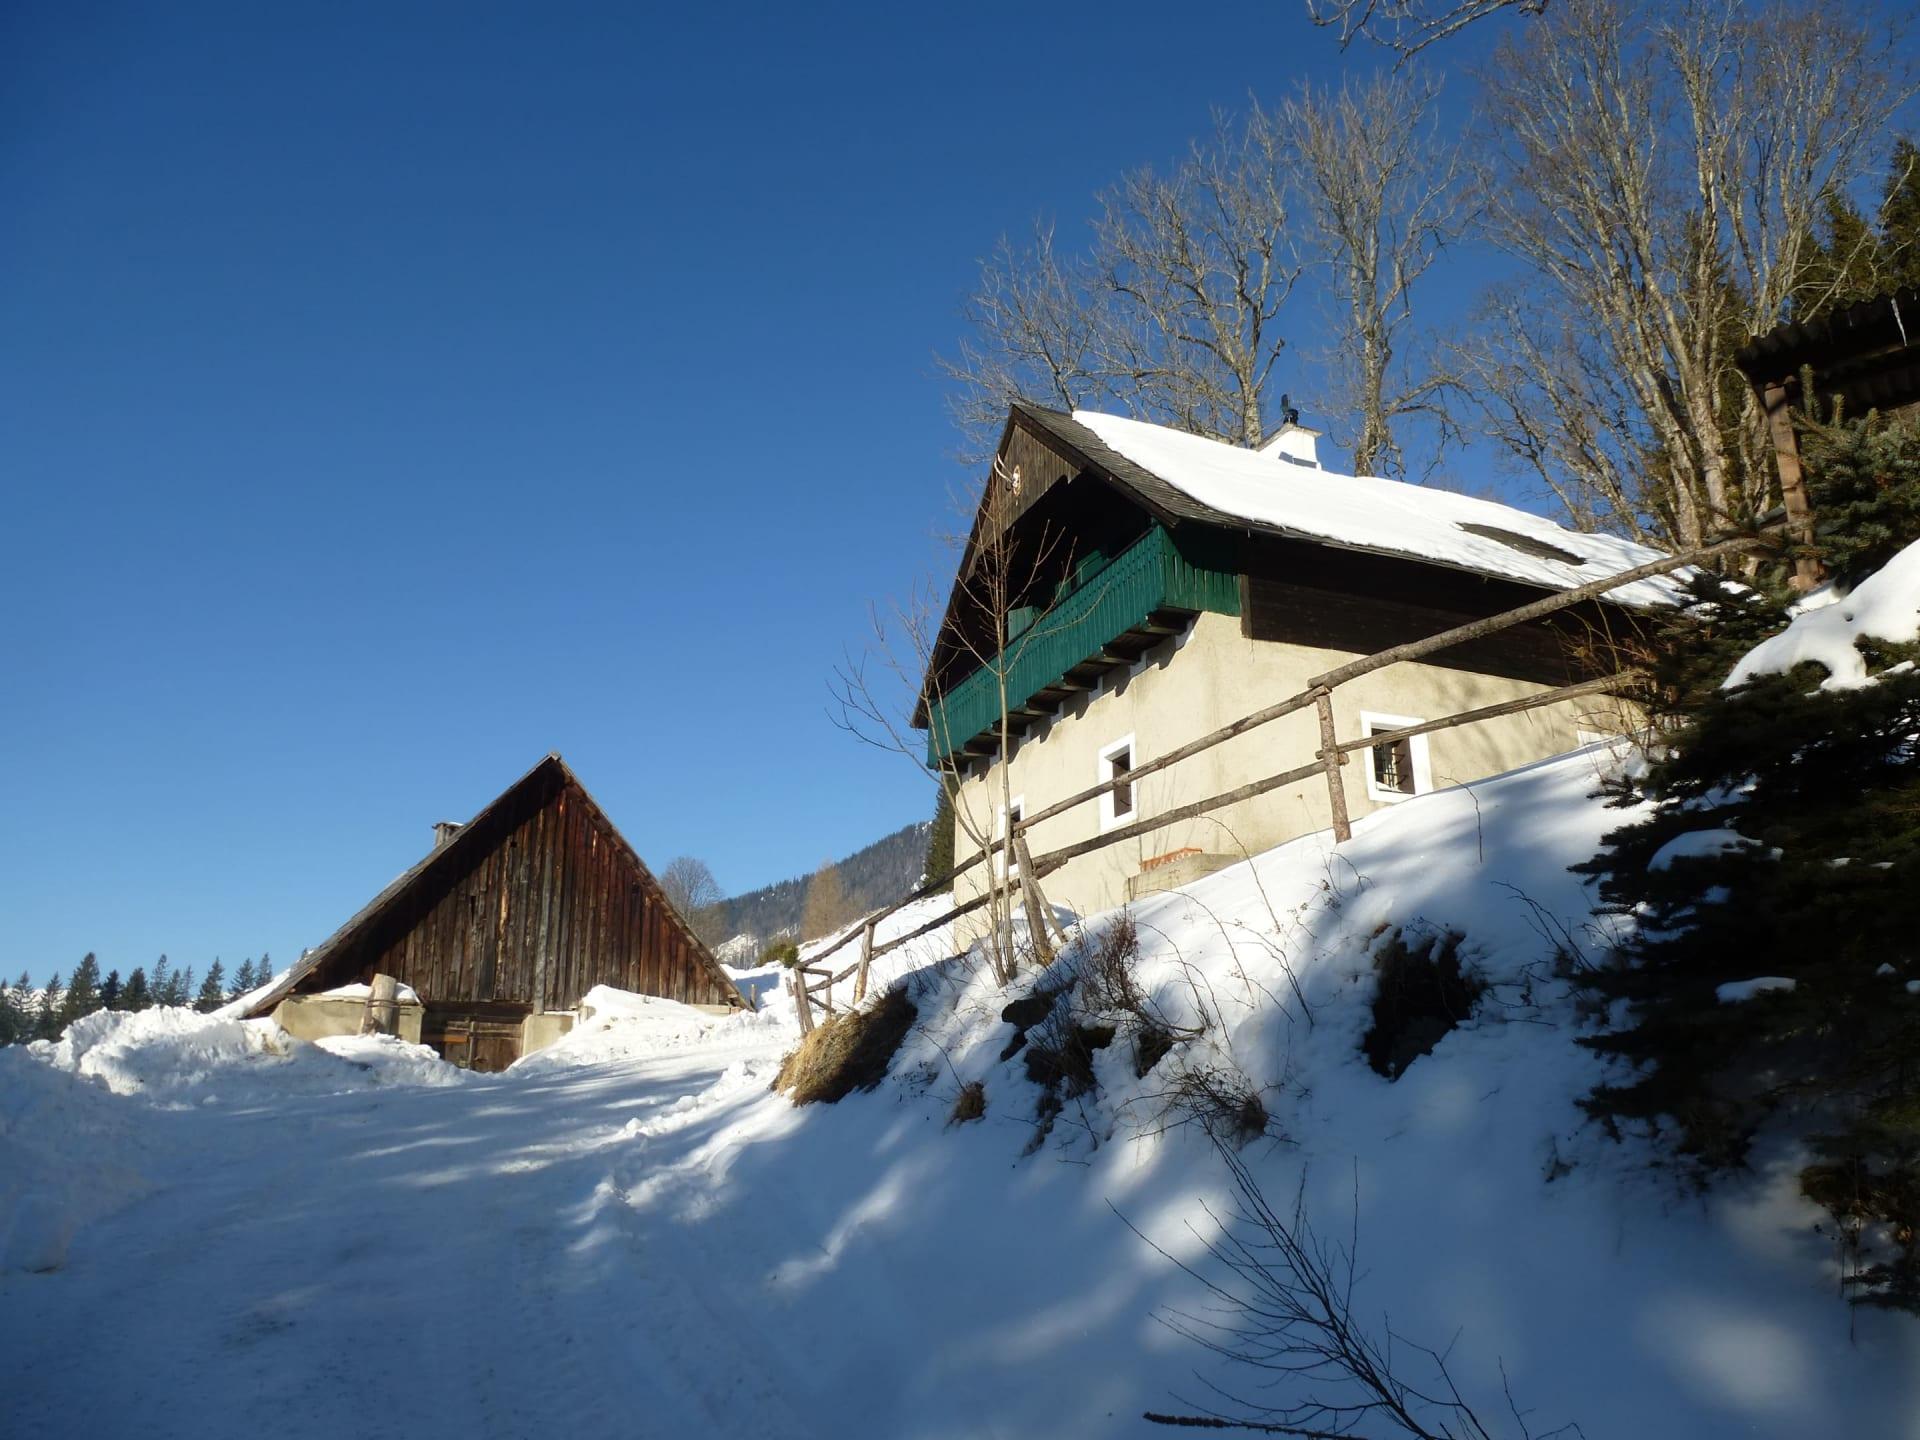 Winterurlaub auf der Alm